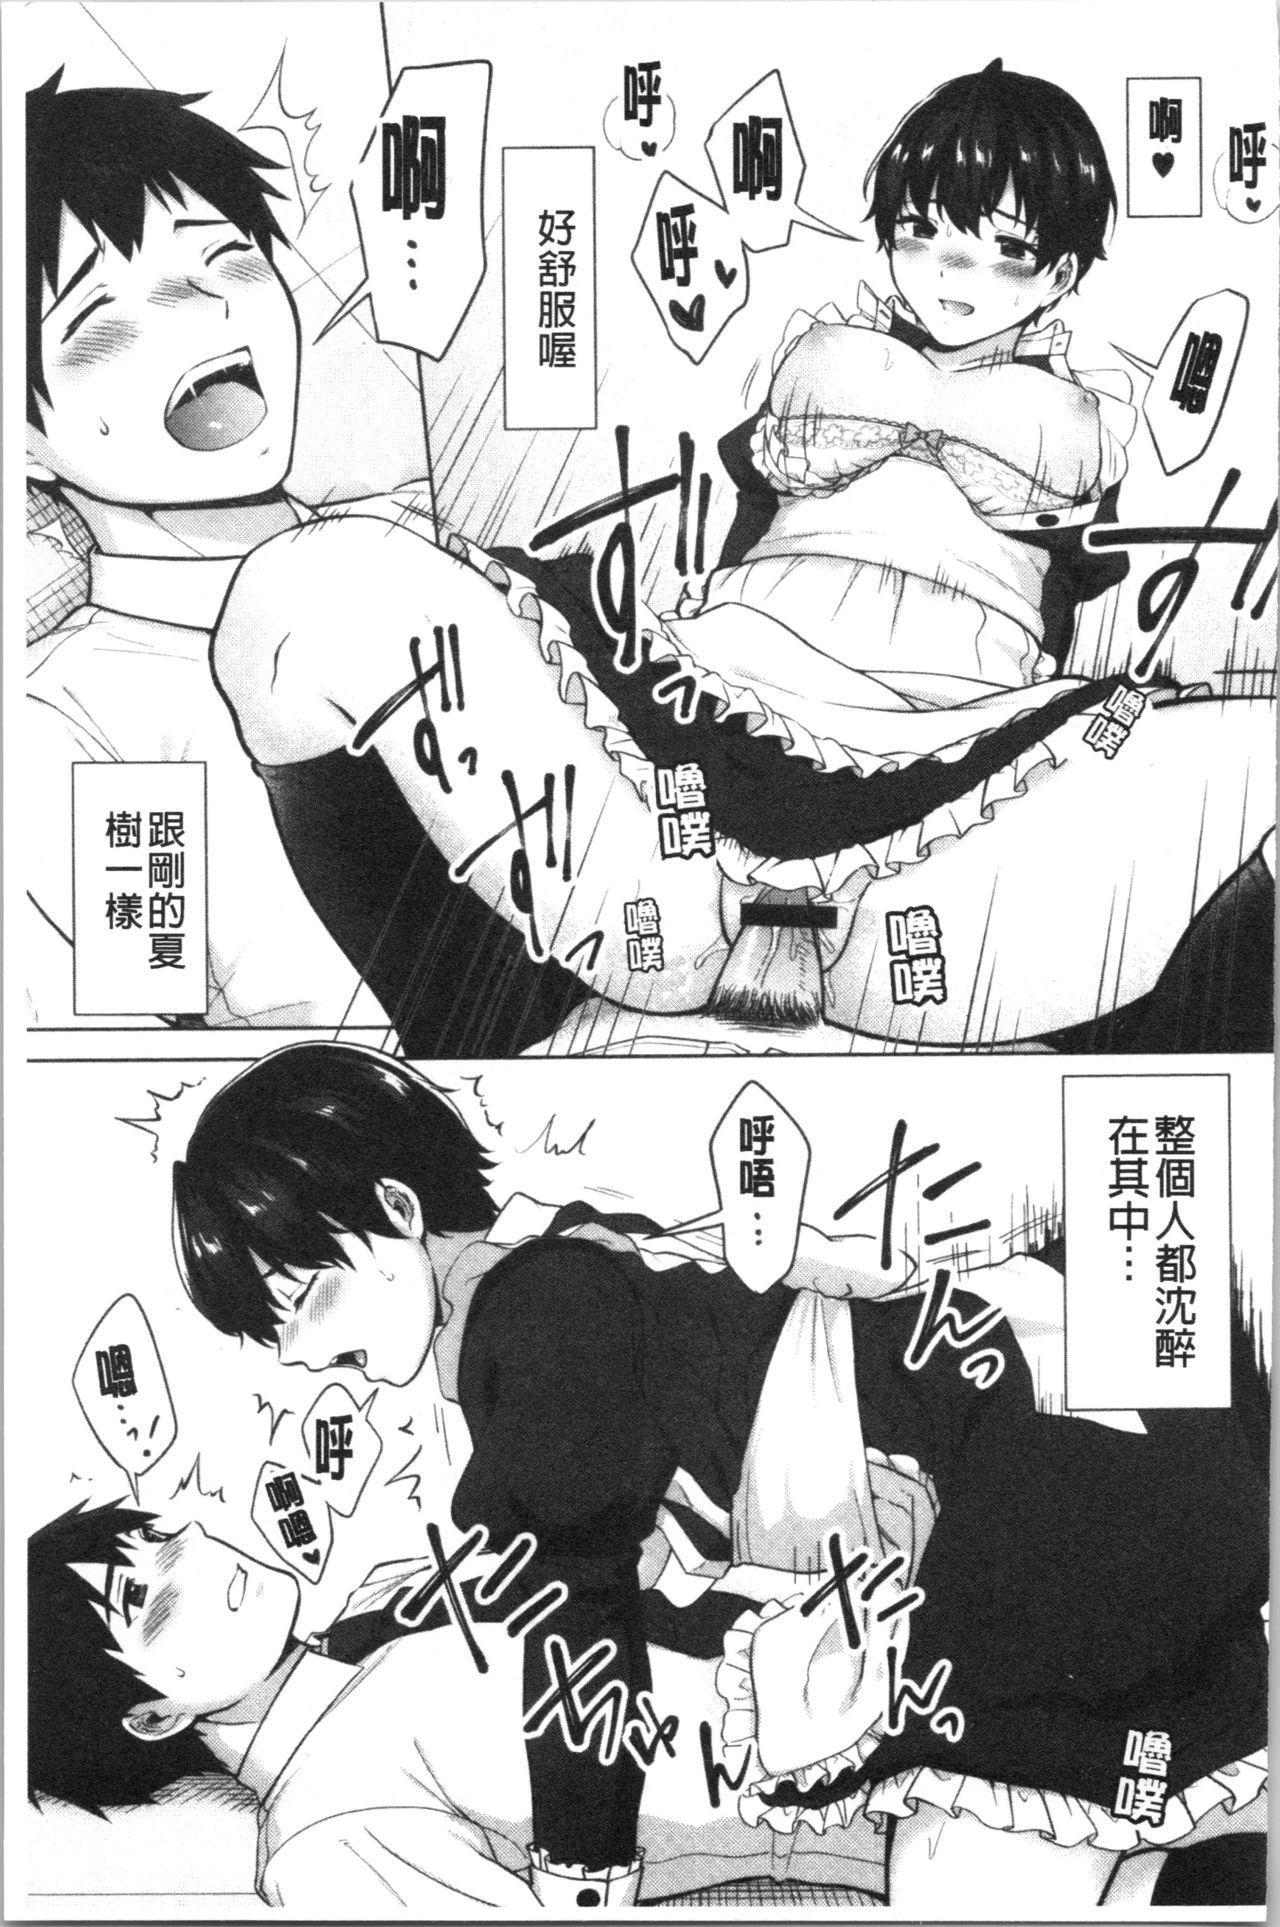 #Echi Echi Joshi to Tsunagaritai | #好色淫蕩女子想和她搞一下 153